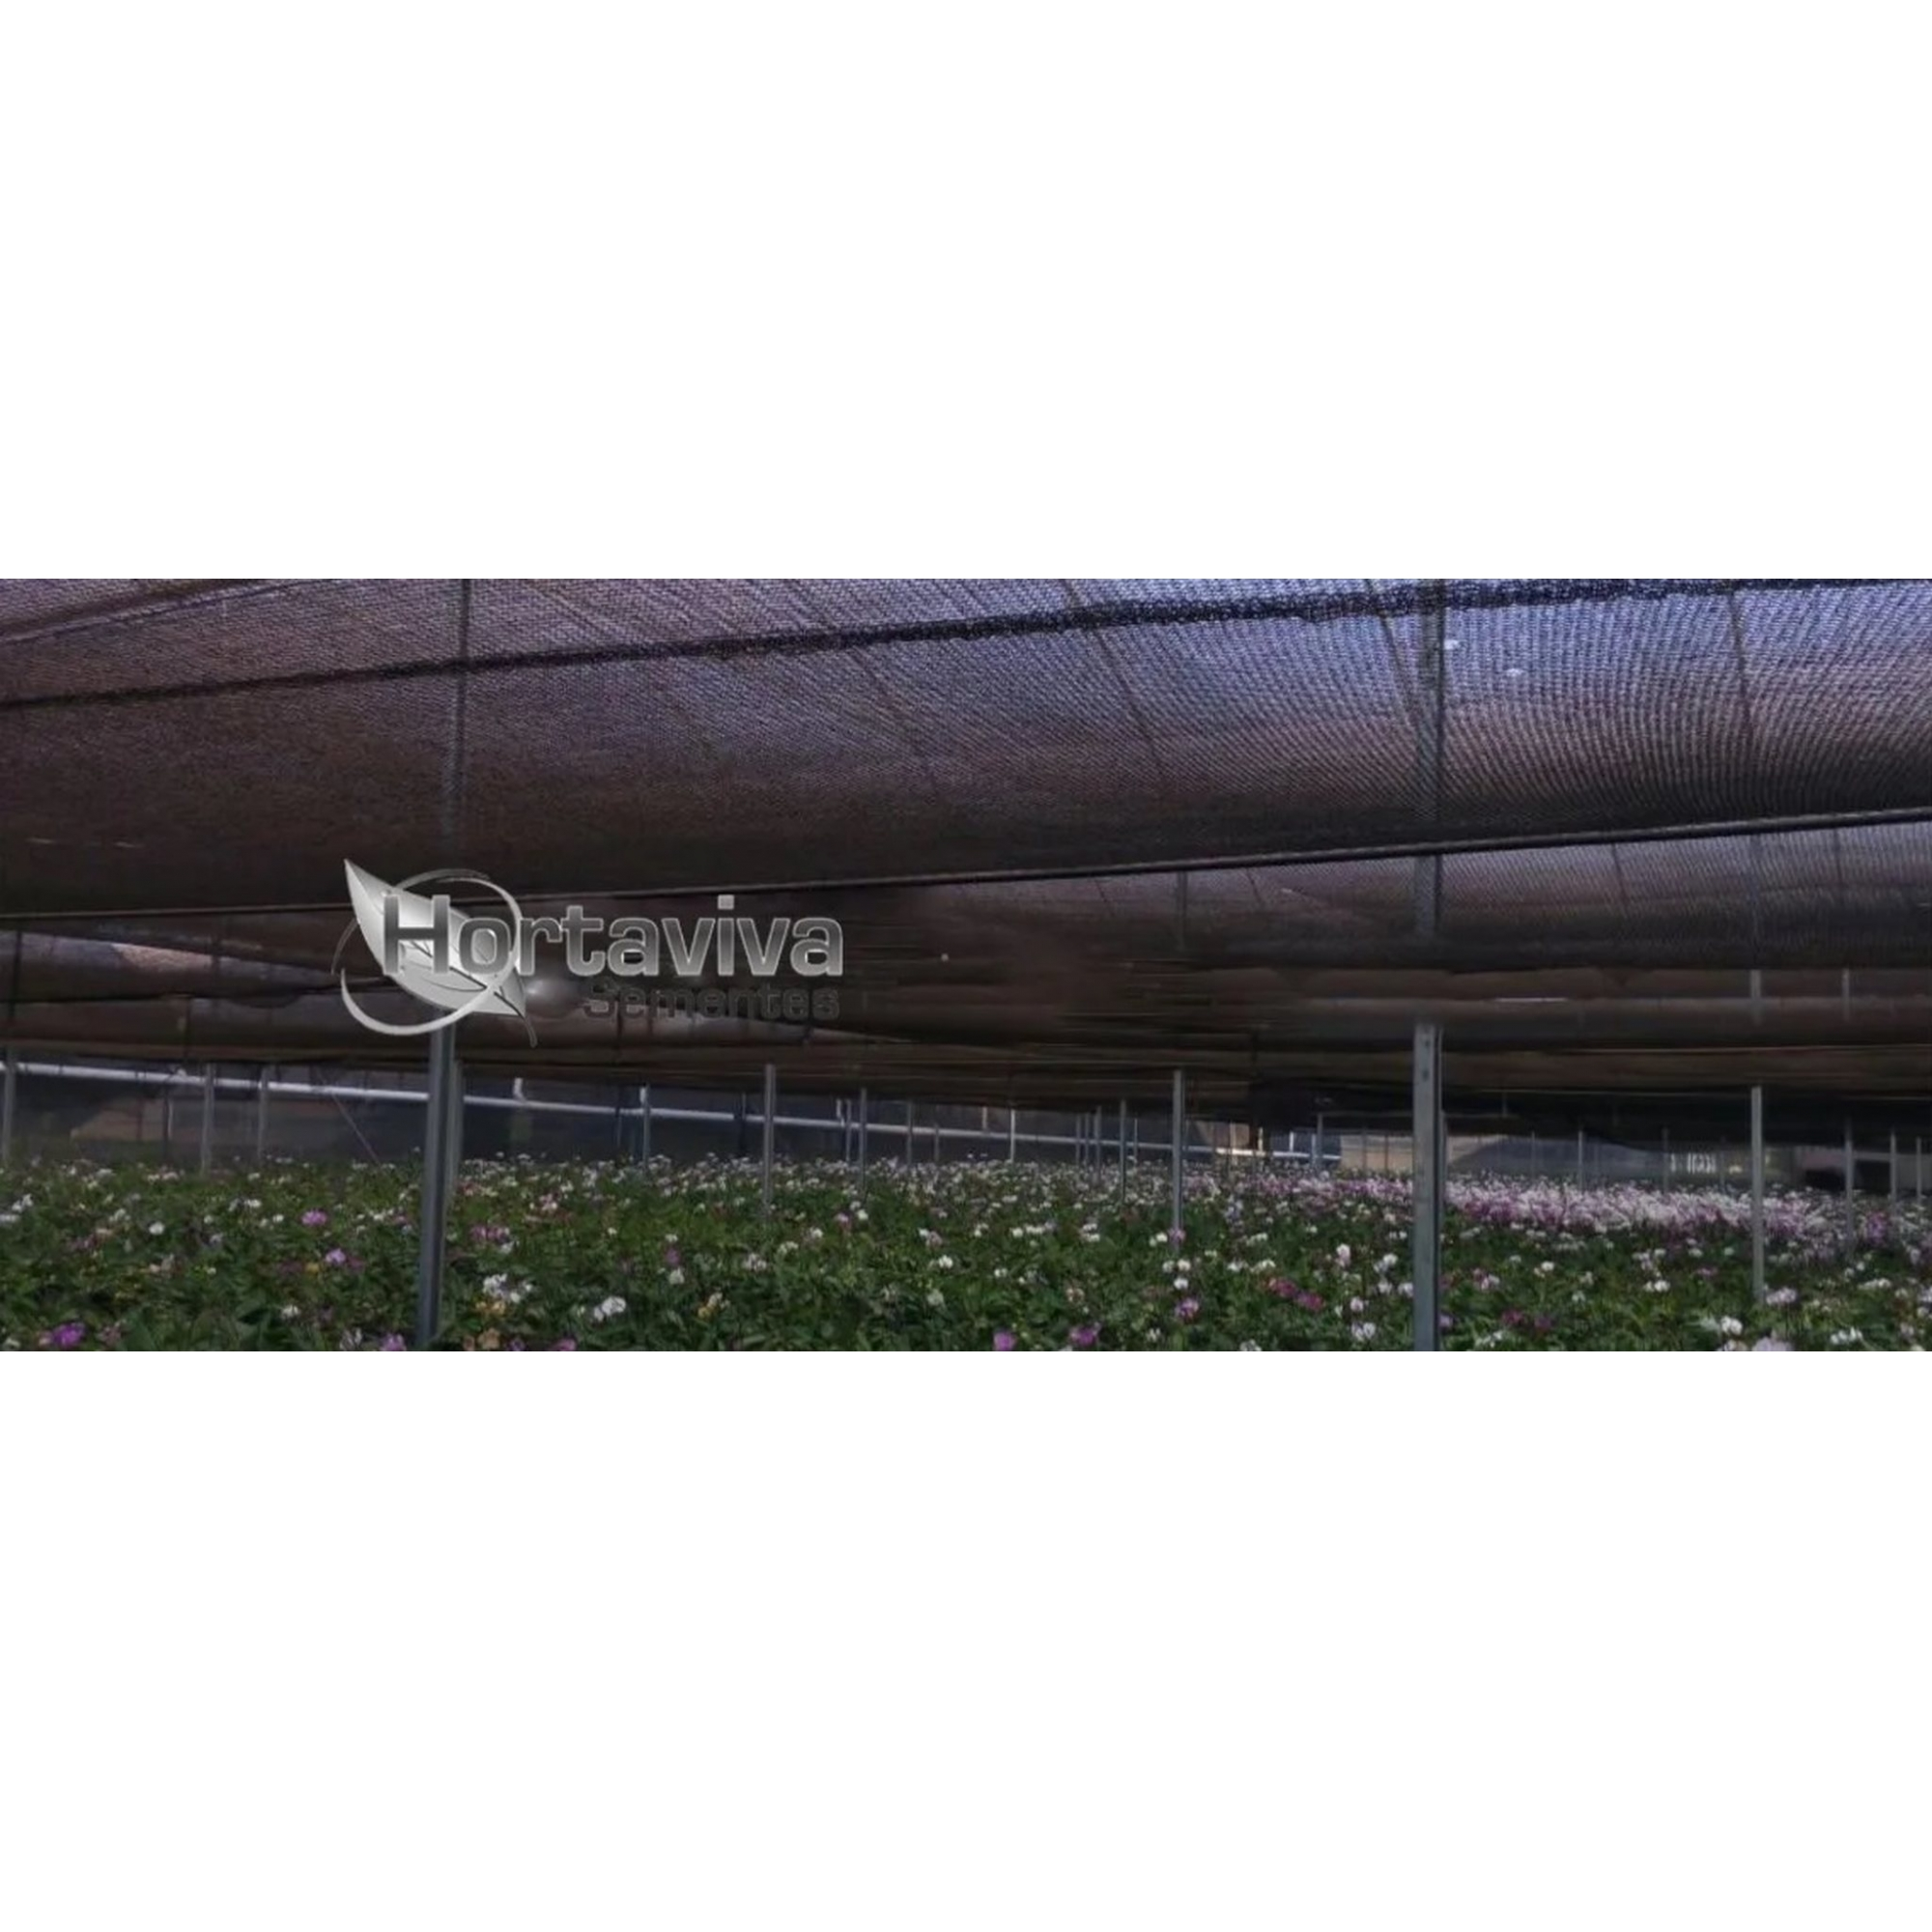 Tela de Sombreamento Preta 50% - 6 Metros x 90 Metros